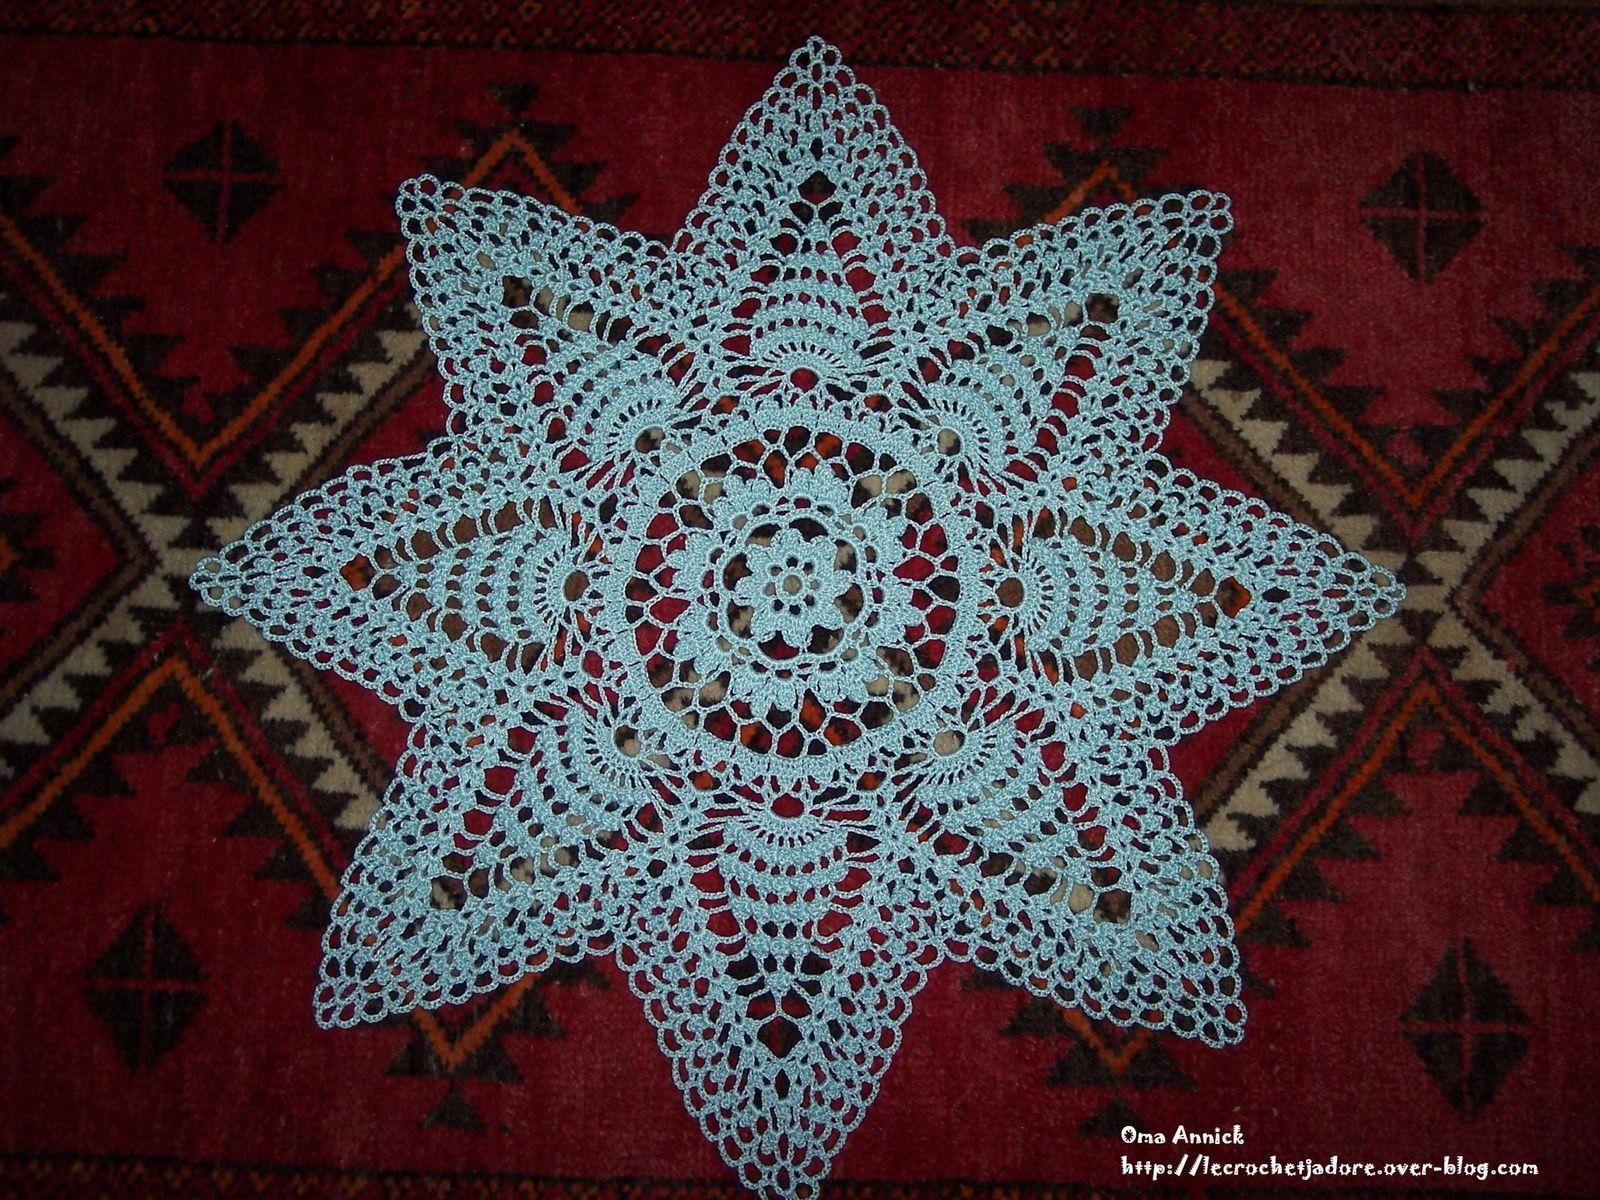 #300F10 Album Decorations De Noel Au Crochet Le Blog De Oma Annick 5325 decorations de noel au crochet 1600x1200 px @ aertt.com